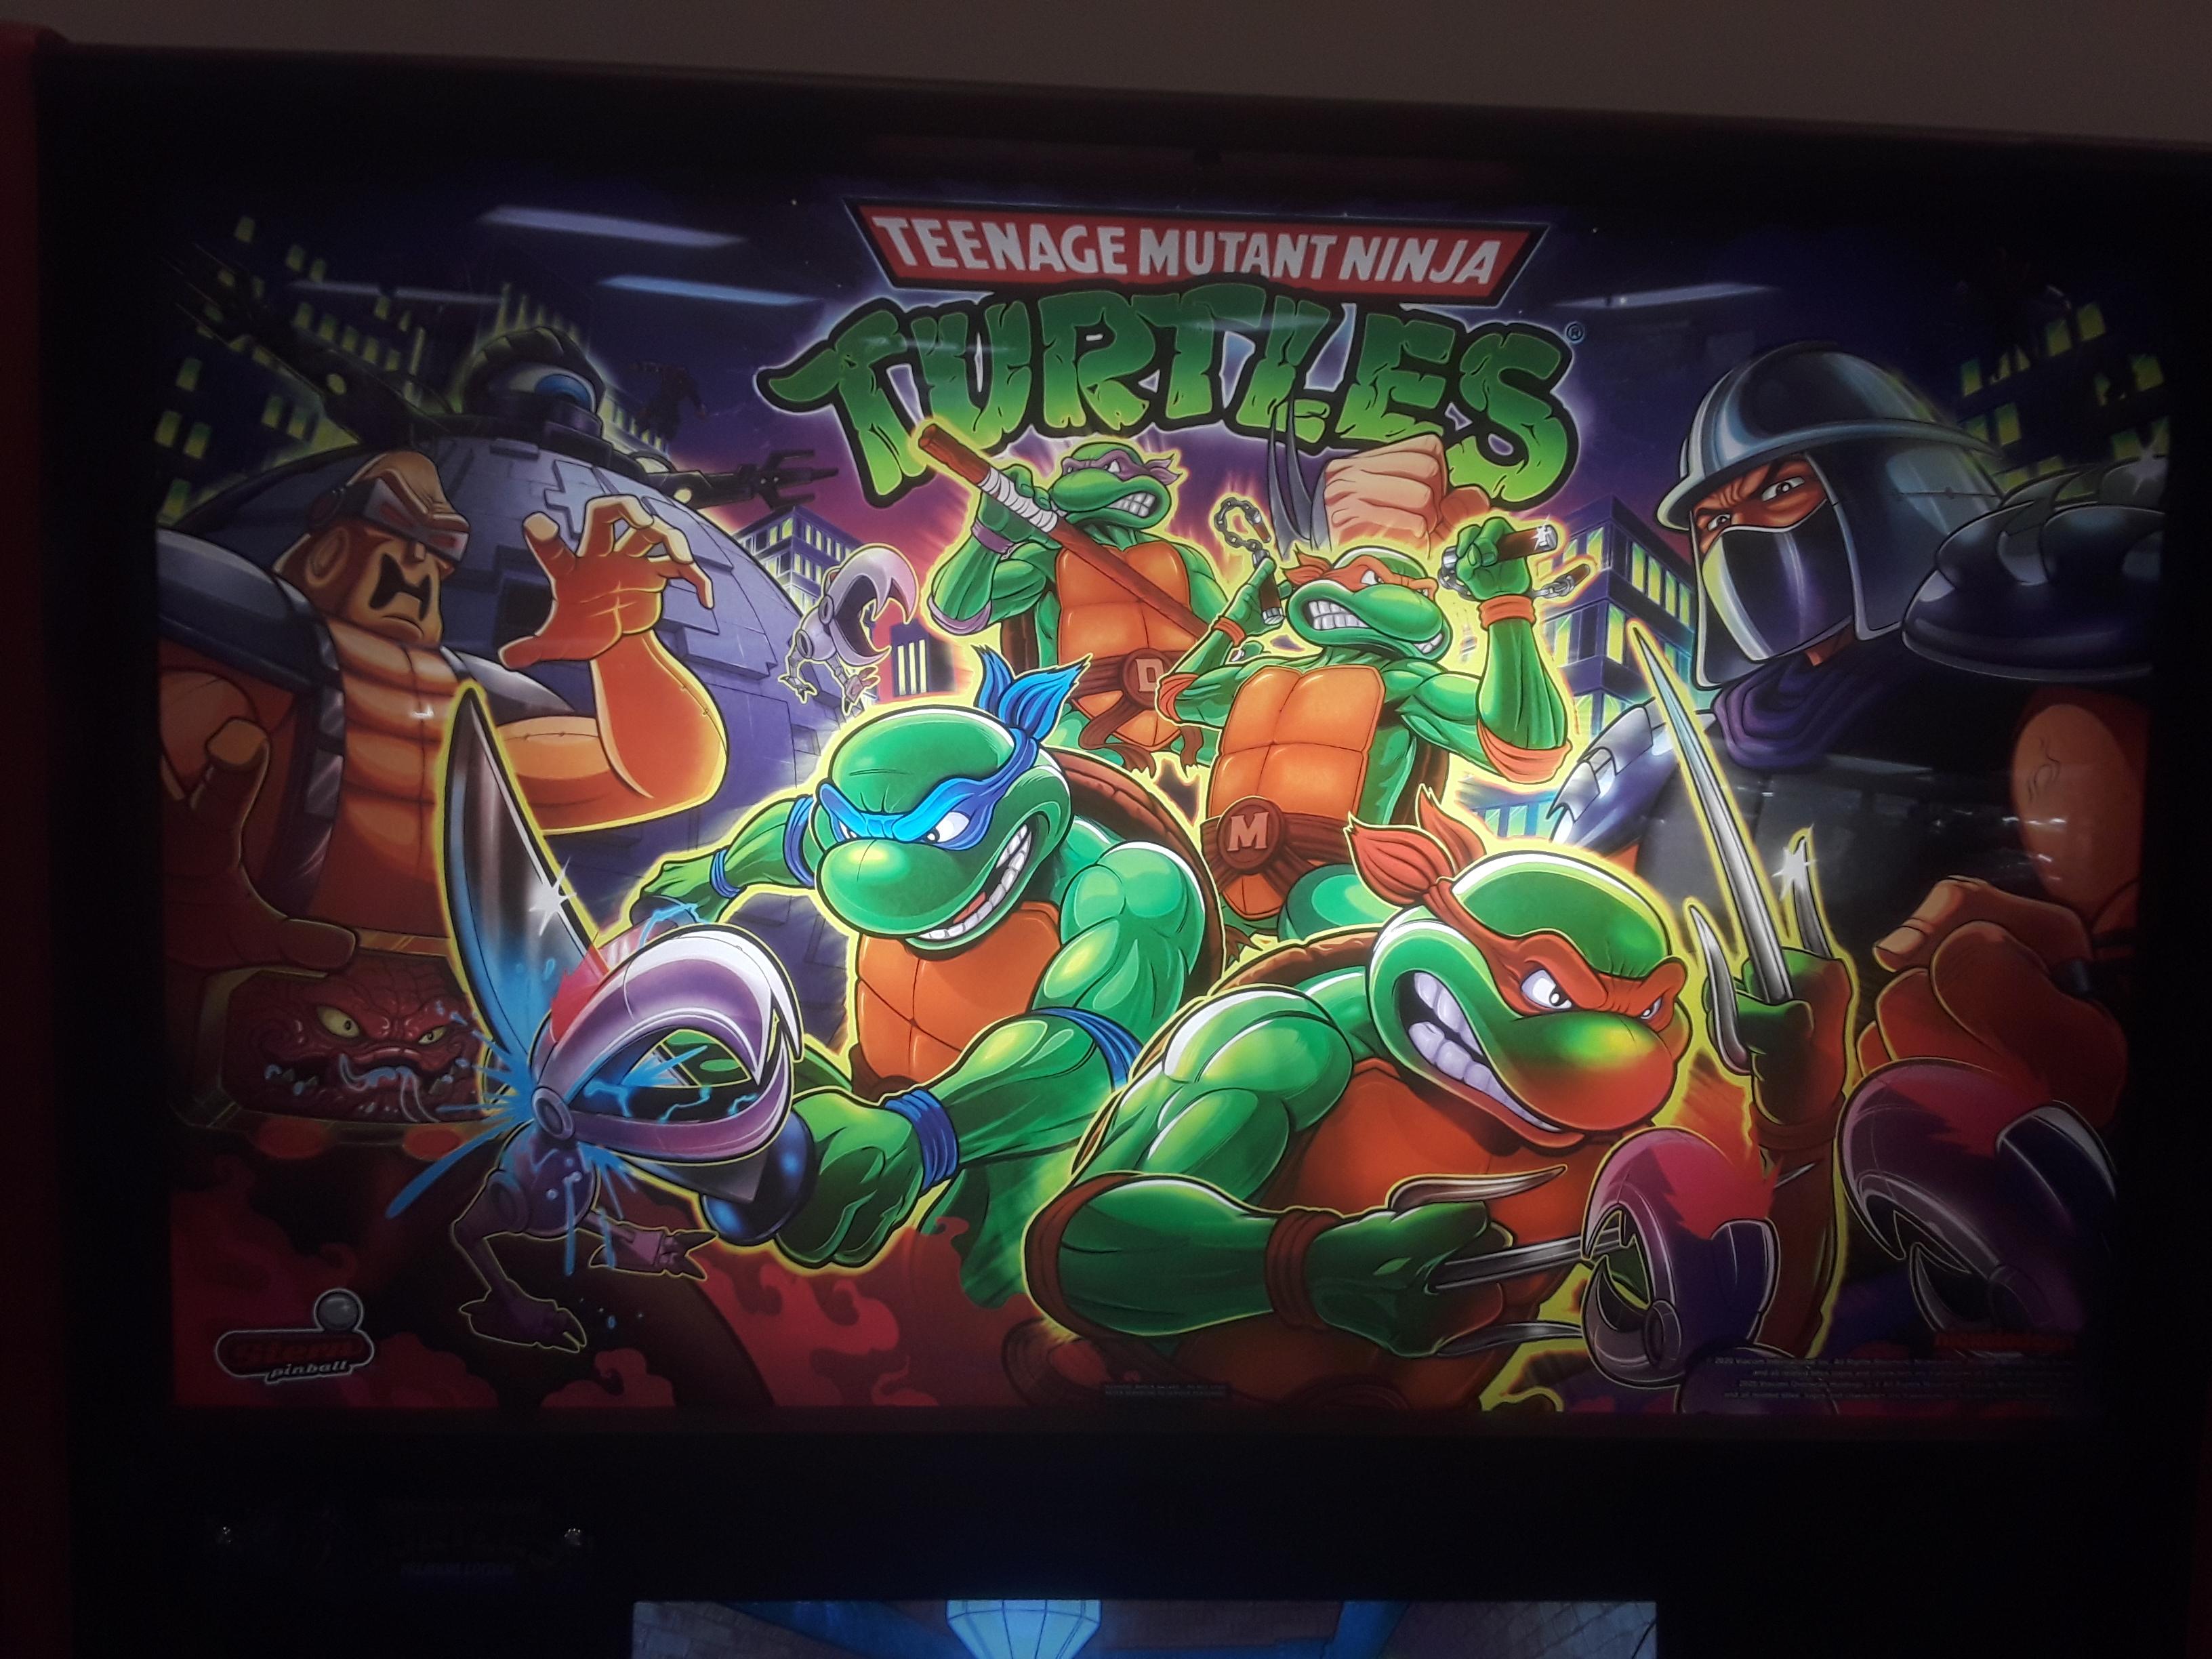 JML101582: Teenage Mutant Ninja Turtles (Pinball: 3 Balls) 1,150,863 points on 2021-03-26 16:41:05